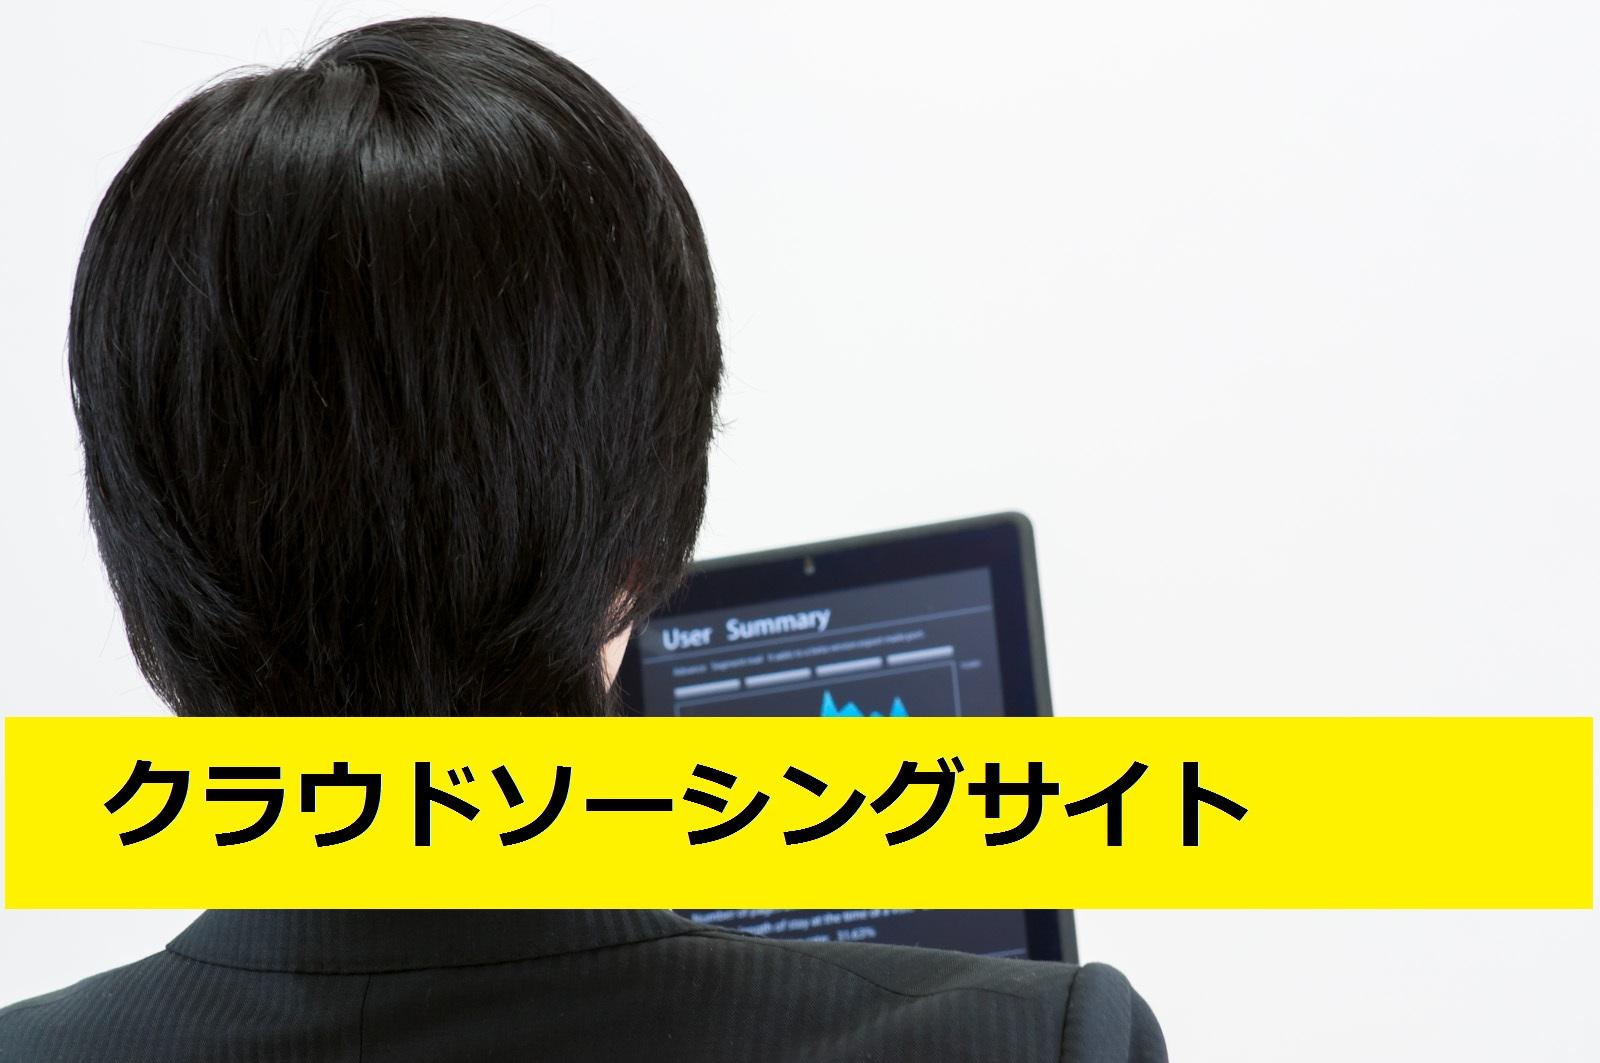 クラウドソーシングサイト